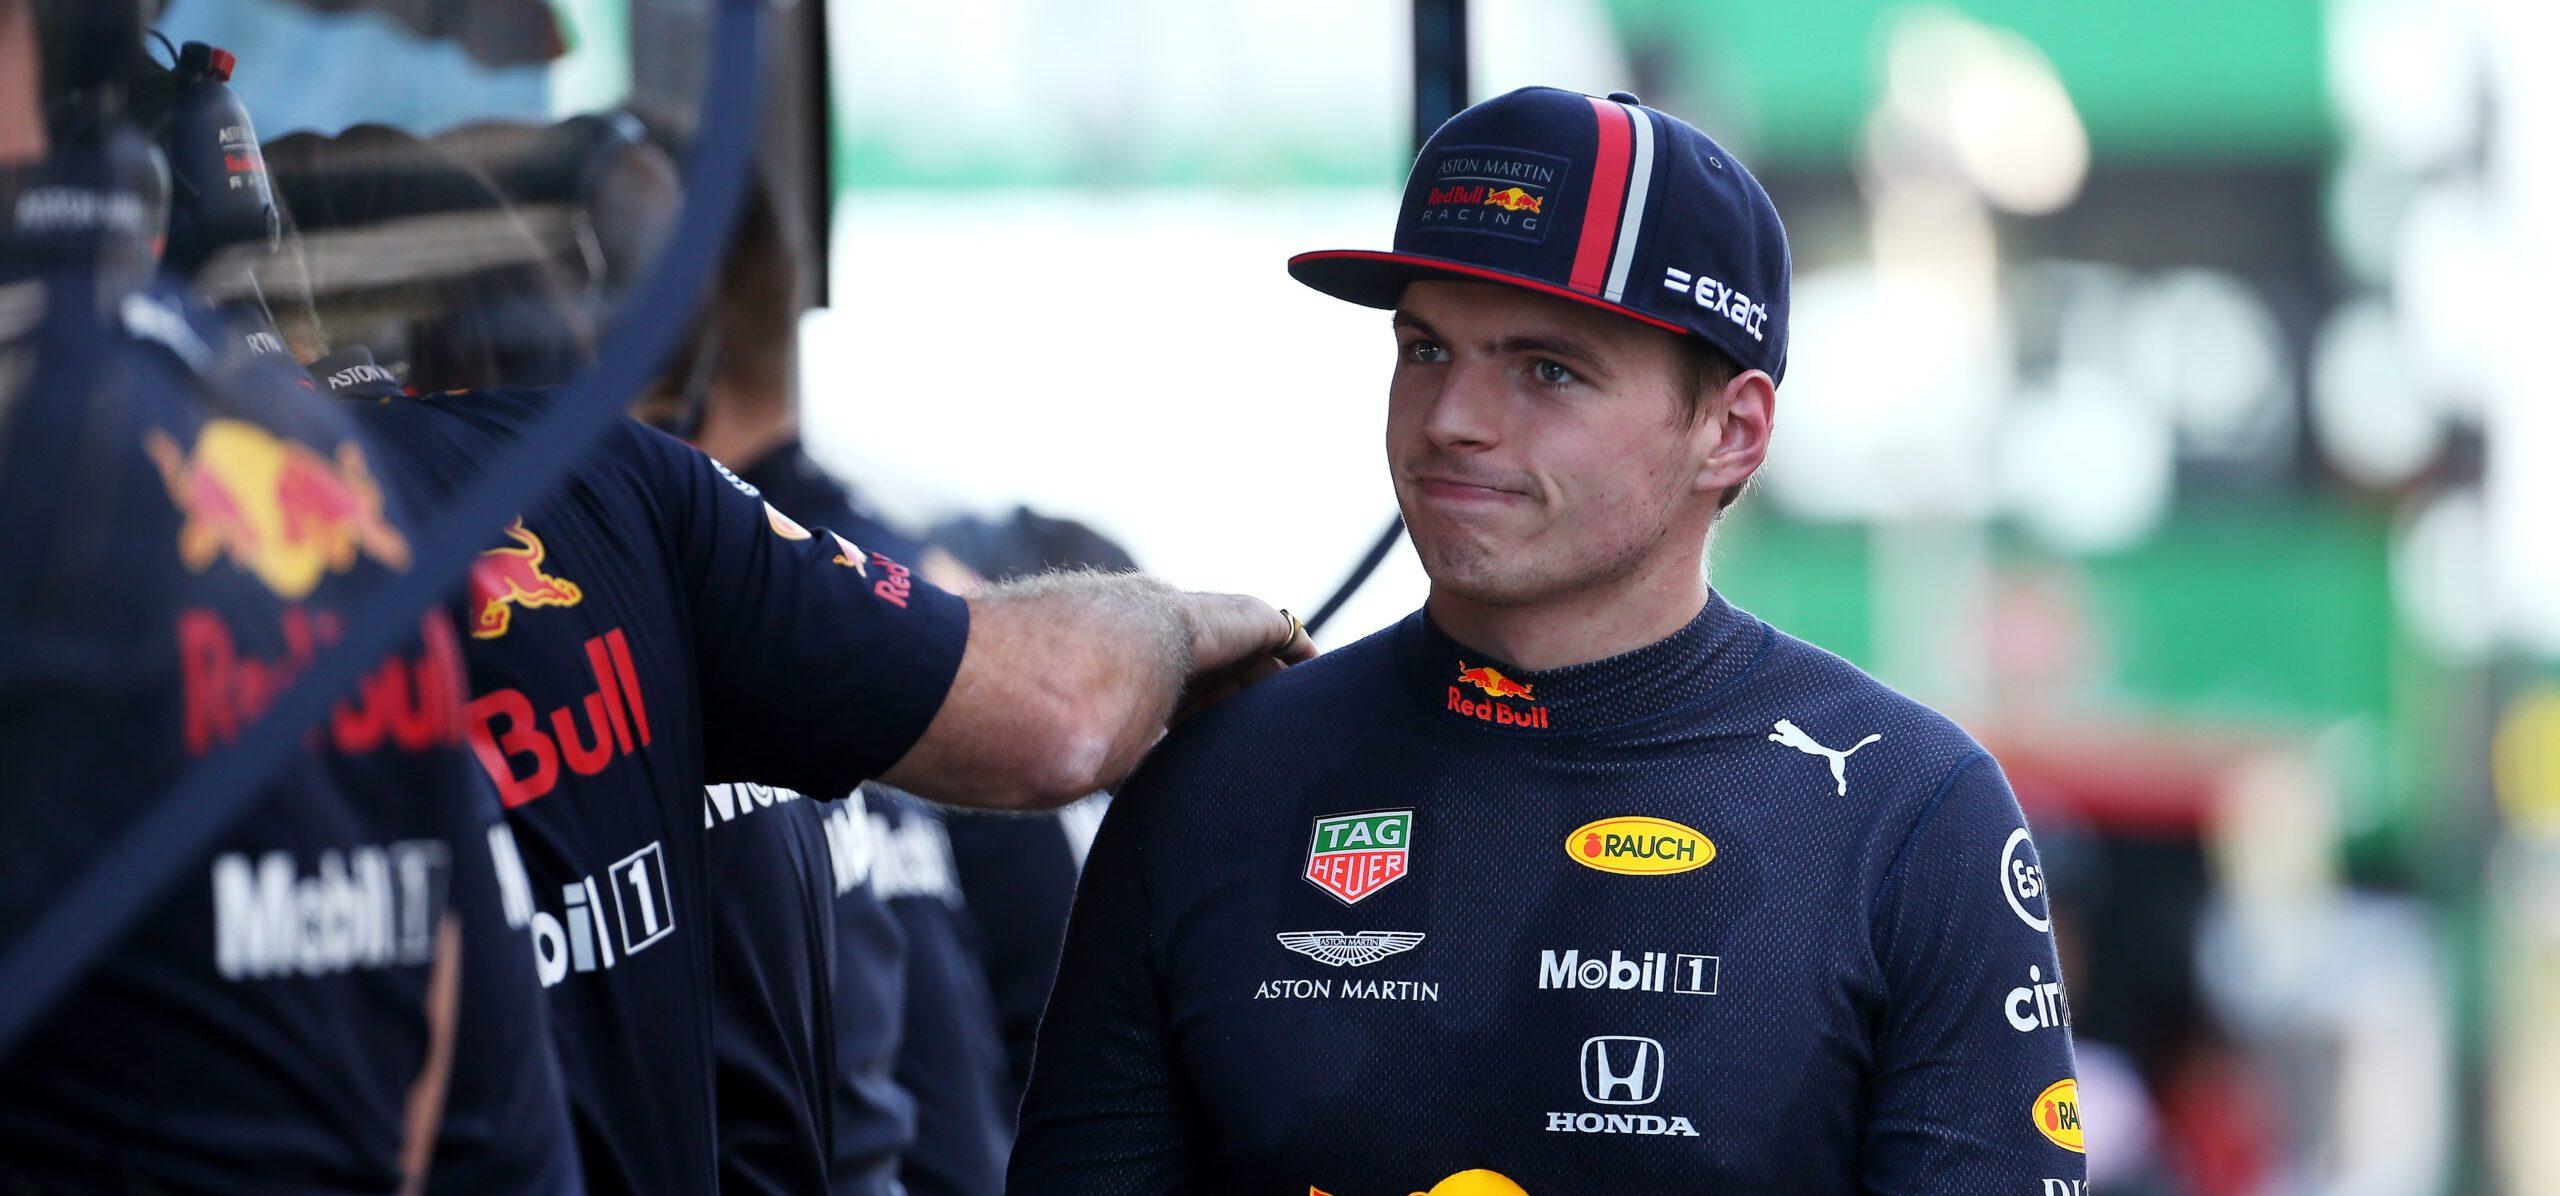 Formel 1: Verstappen brennt nach Auftakt-Pleite auf Revanche